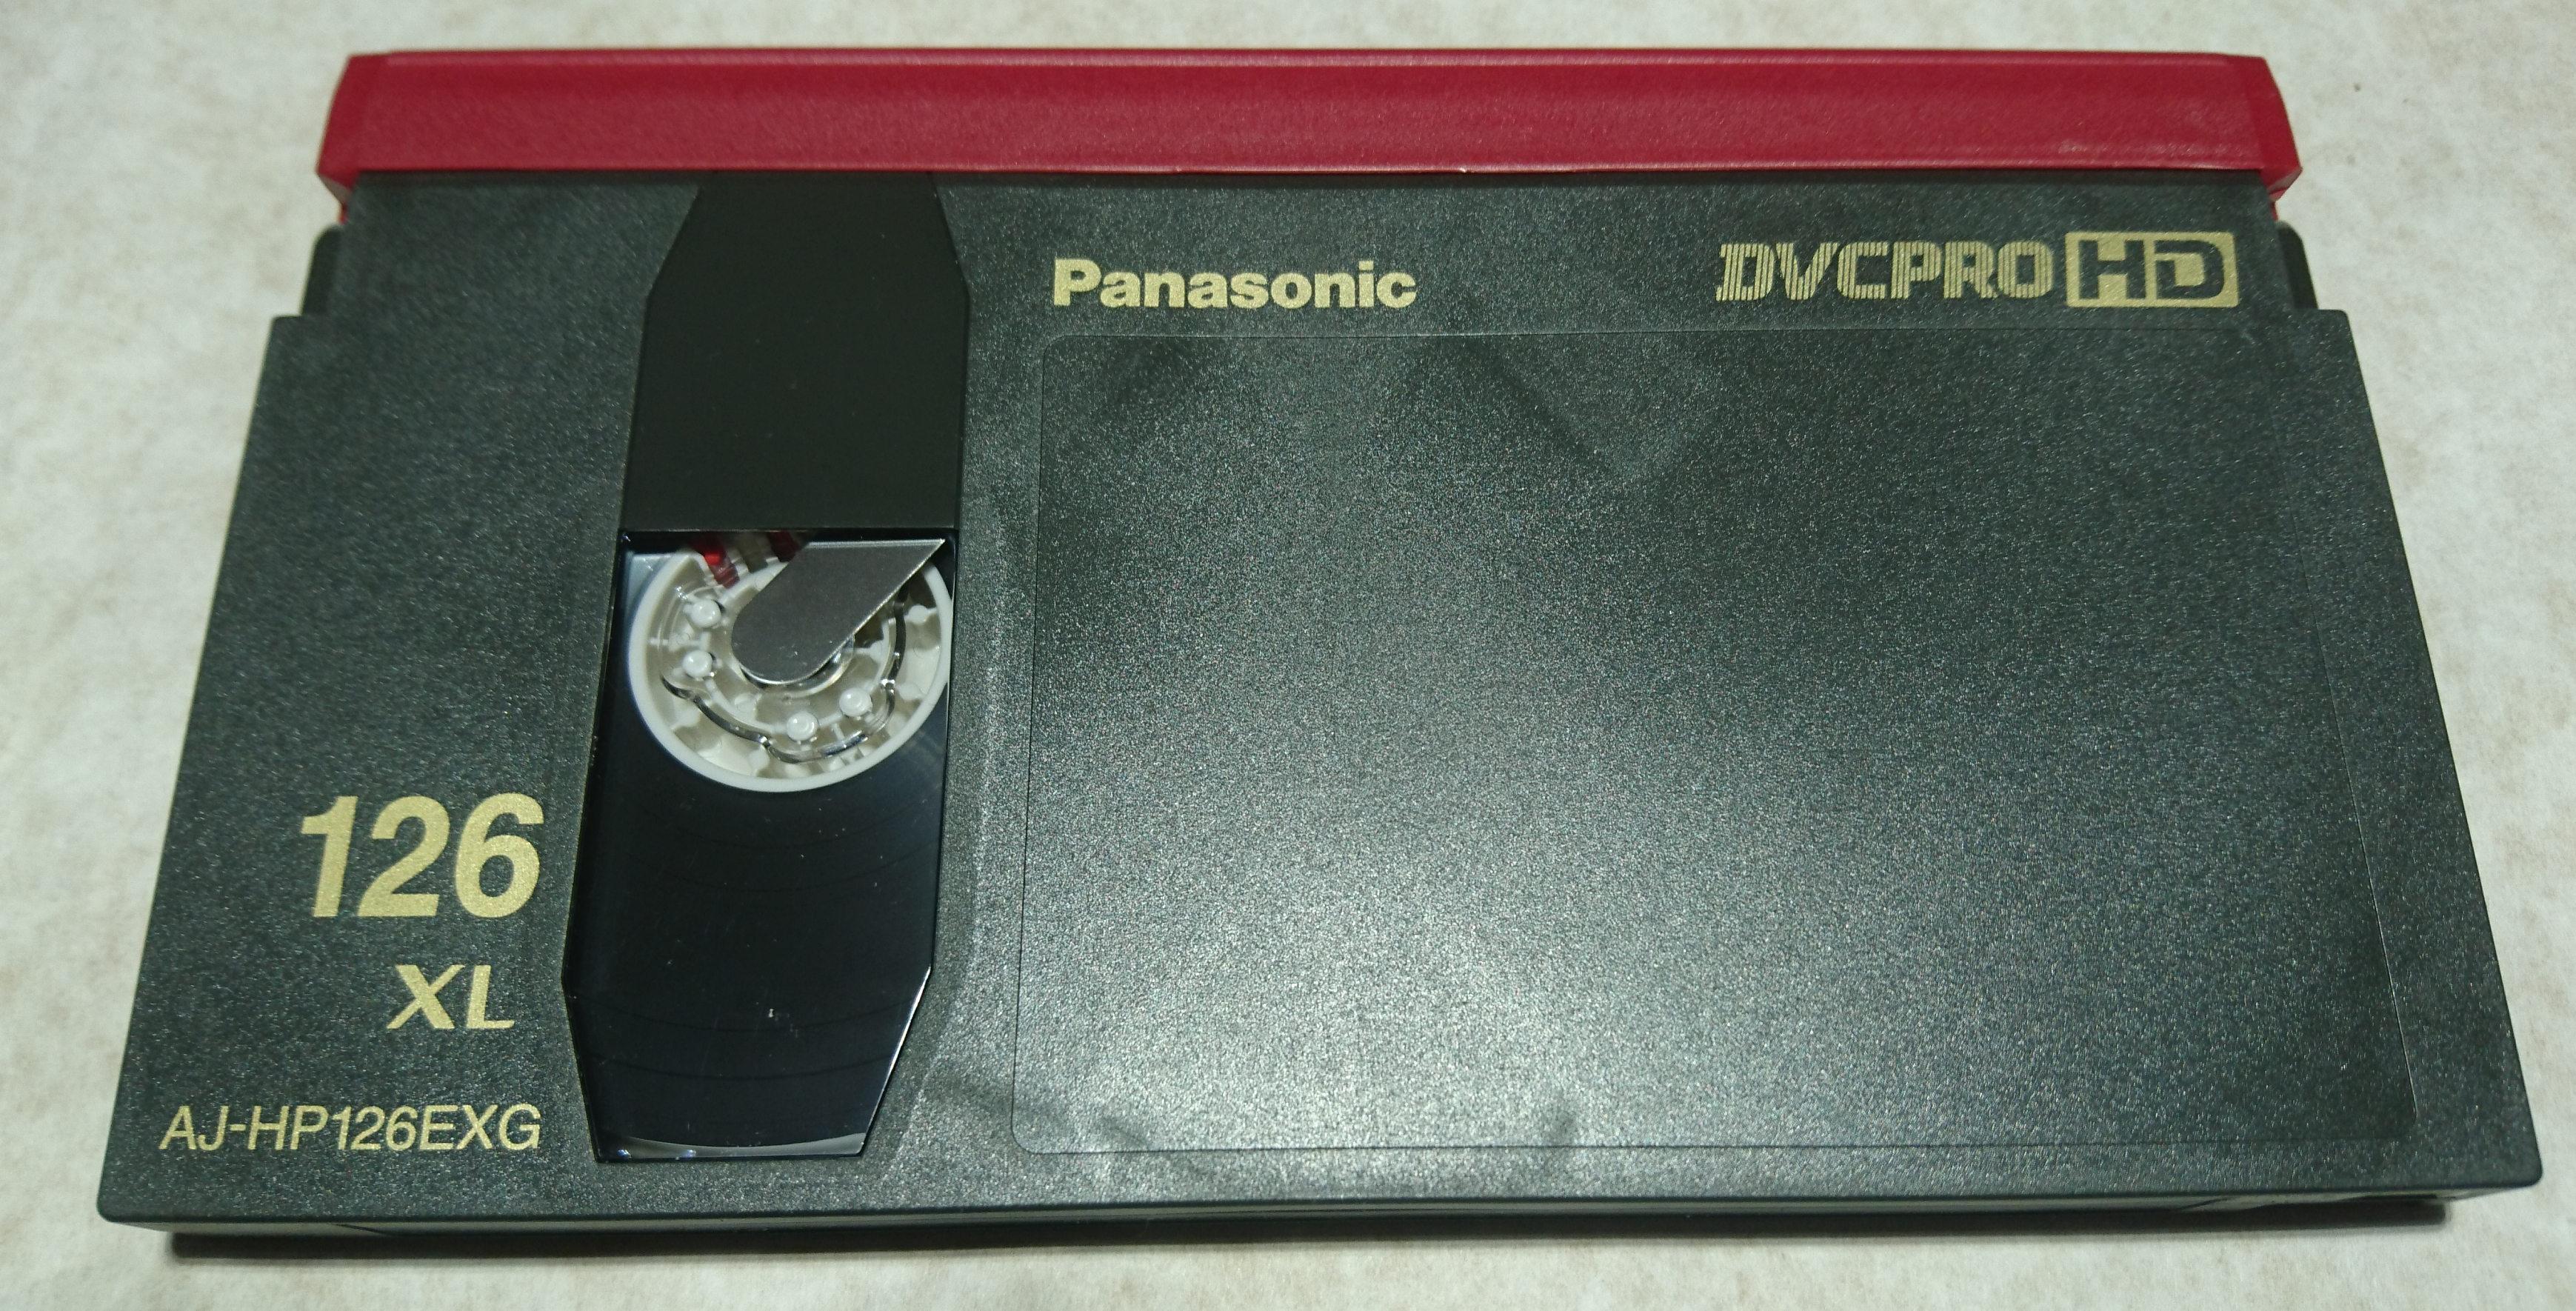 DVCPRO XL tape